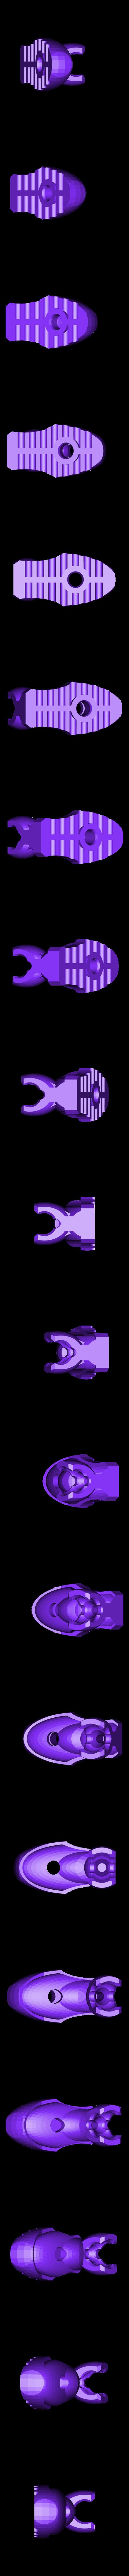 object15.stl Télécharger fichier STL gratuit Gorilla Jet Flight Ares • Design imprimable en 3D, Pwenyrr